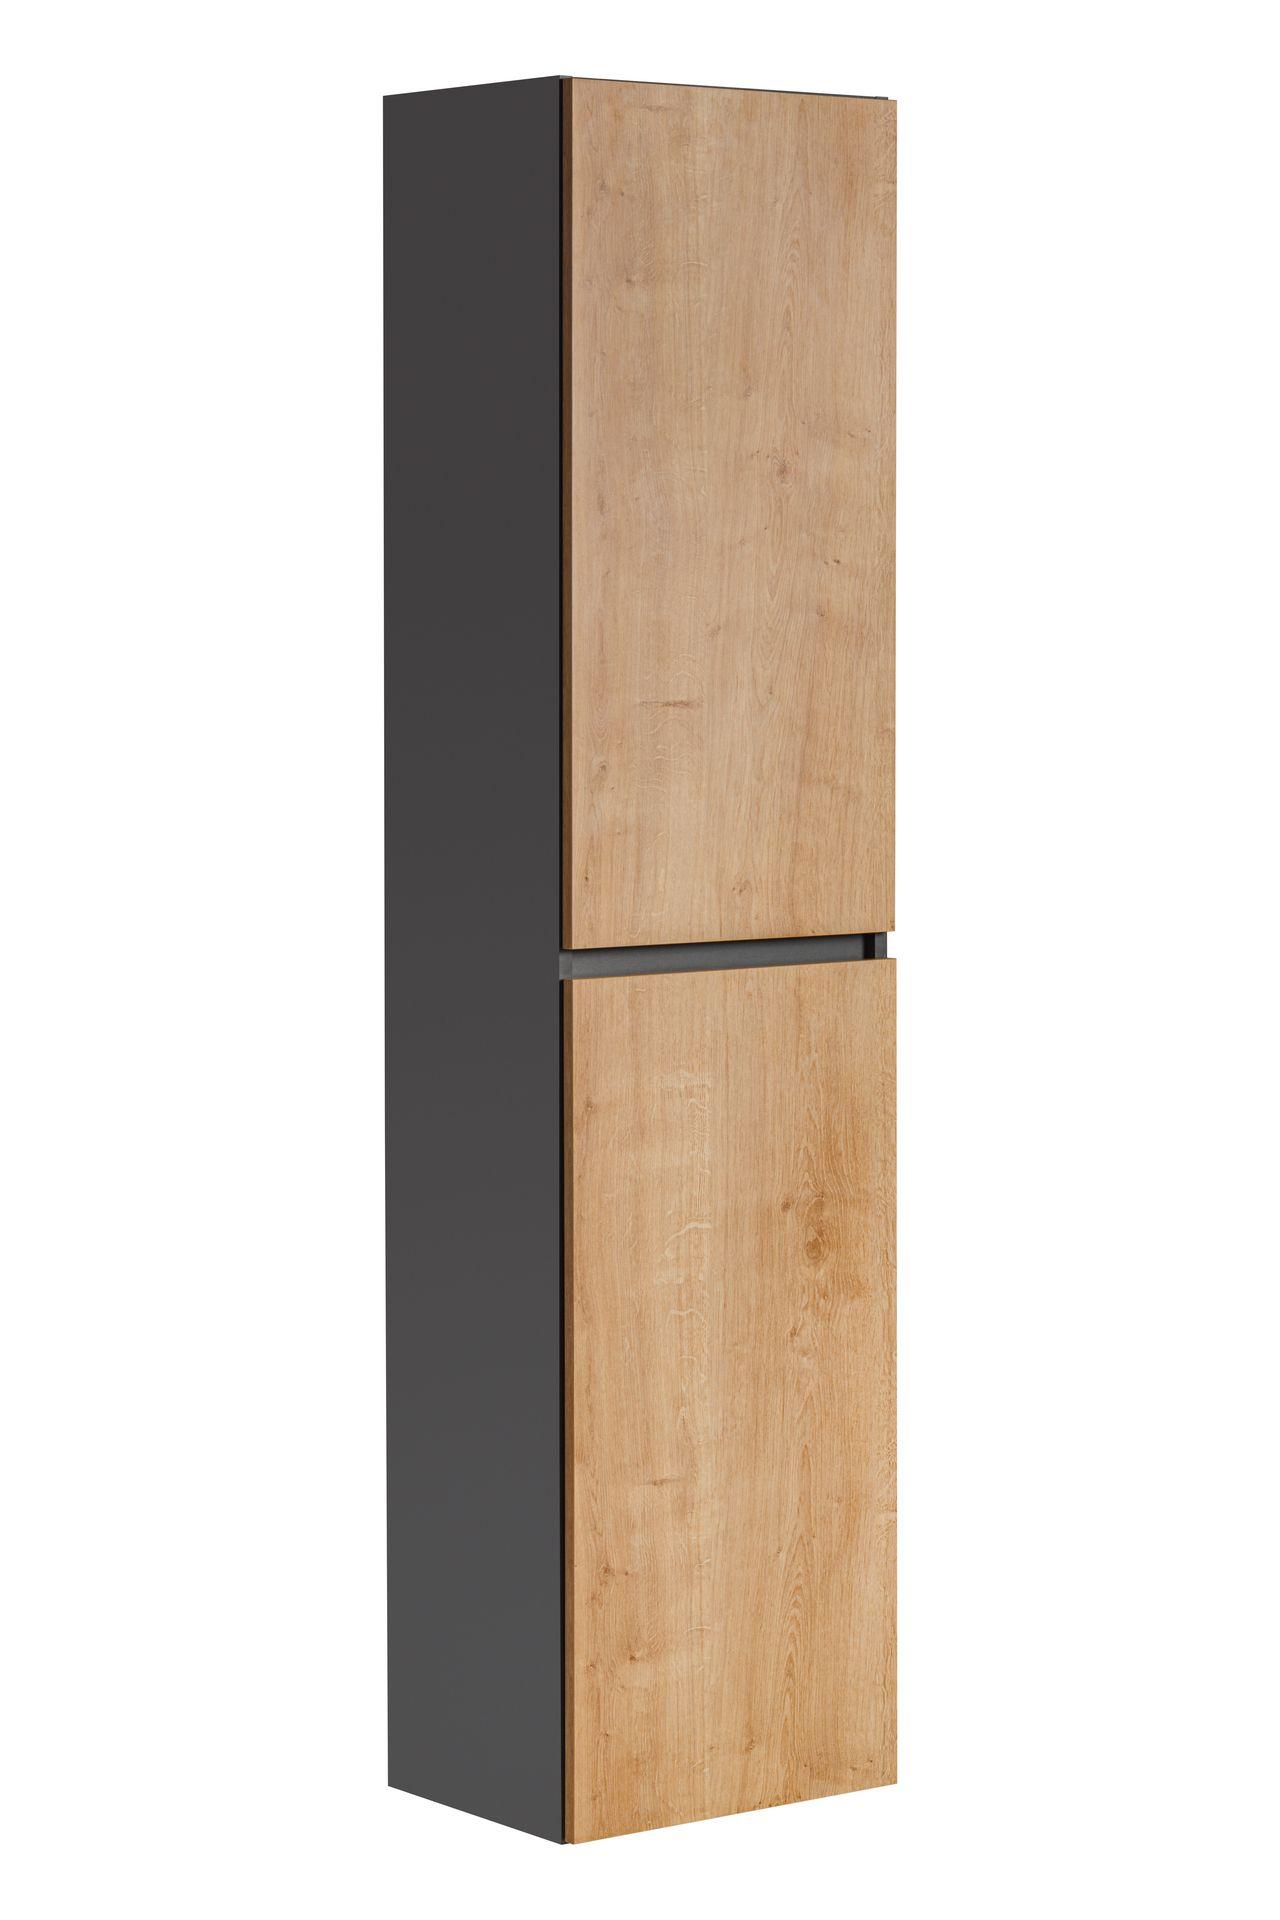 ArtCom Kúpeľňová zostava Monako Grey Oak Monako: Vysoká skrinka Monako 800 - 170 x 40 x 33 cm